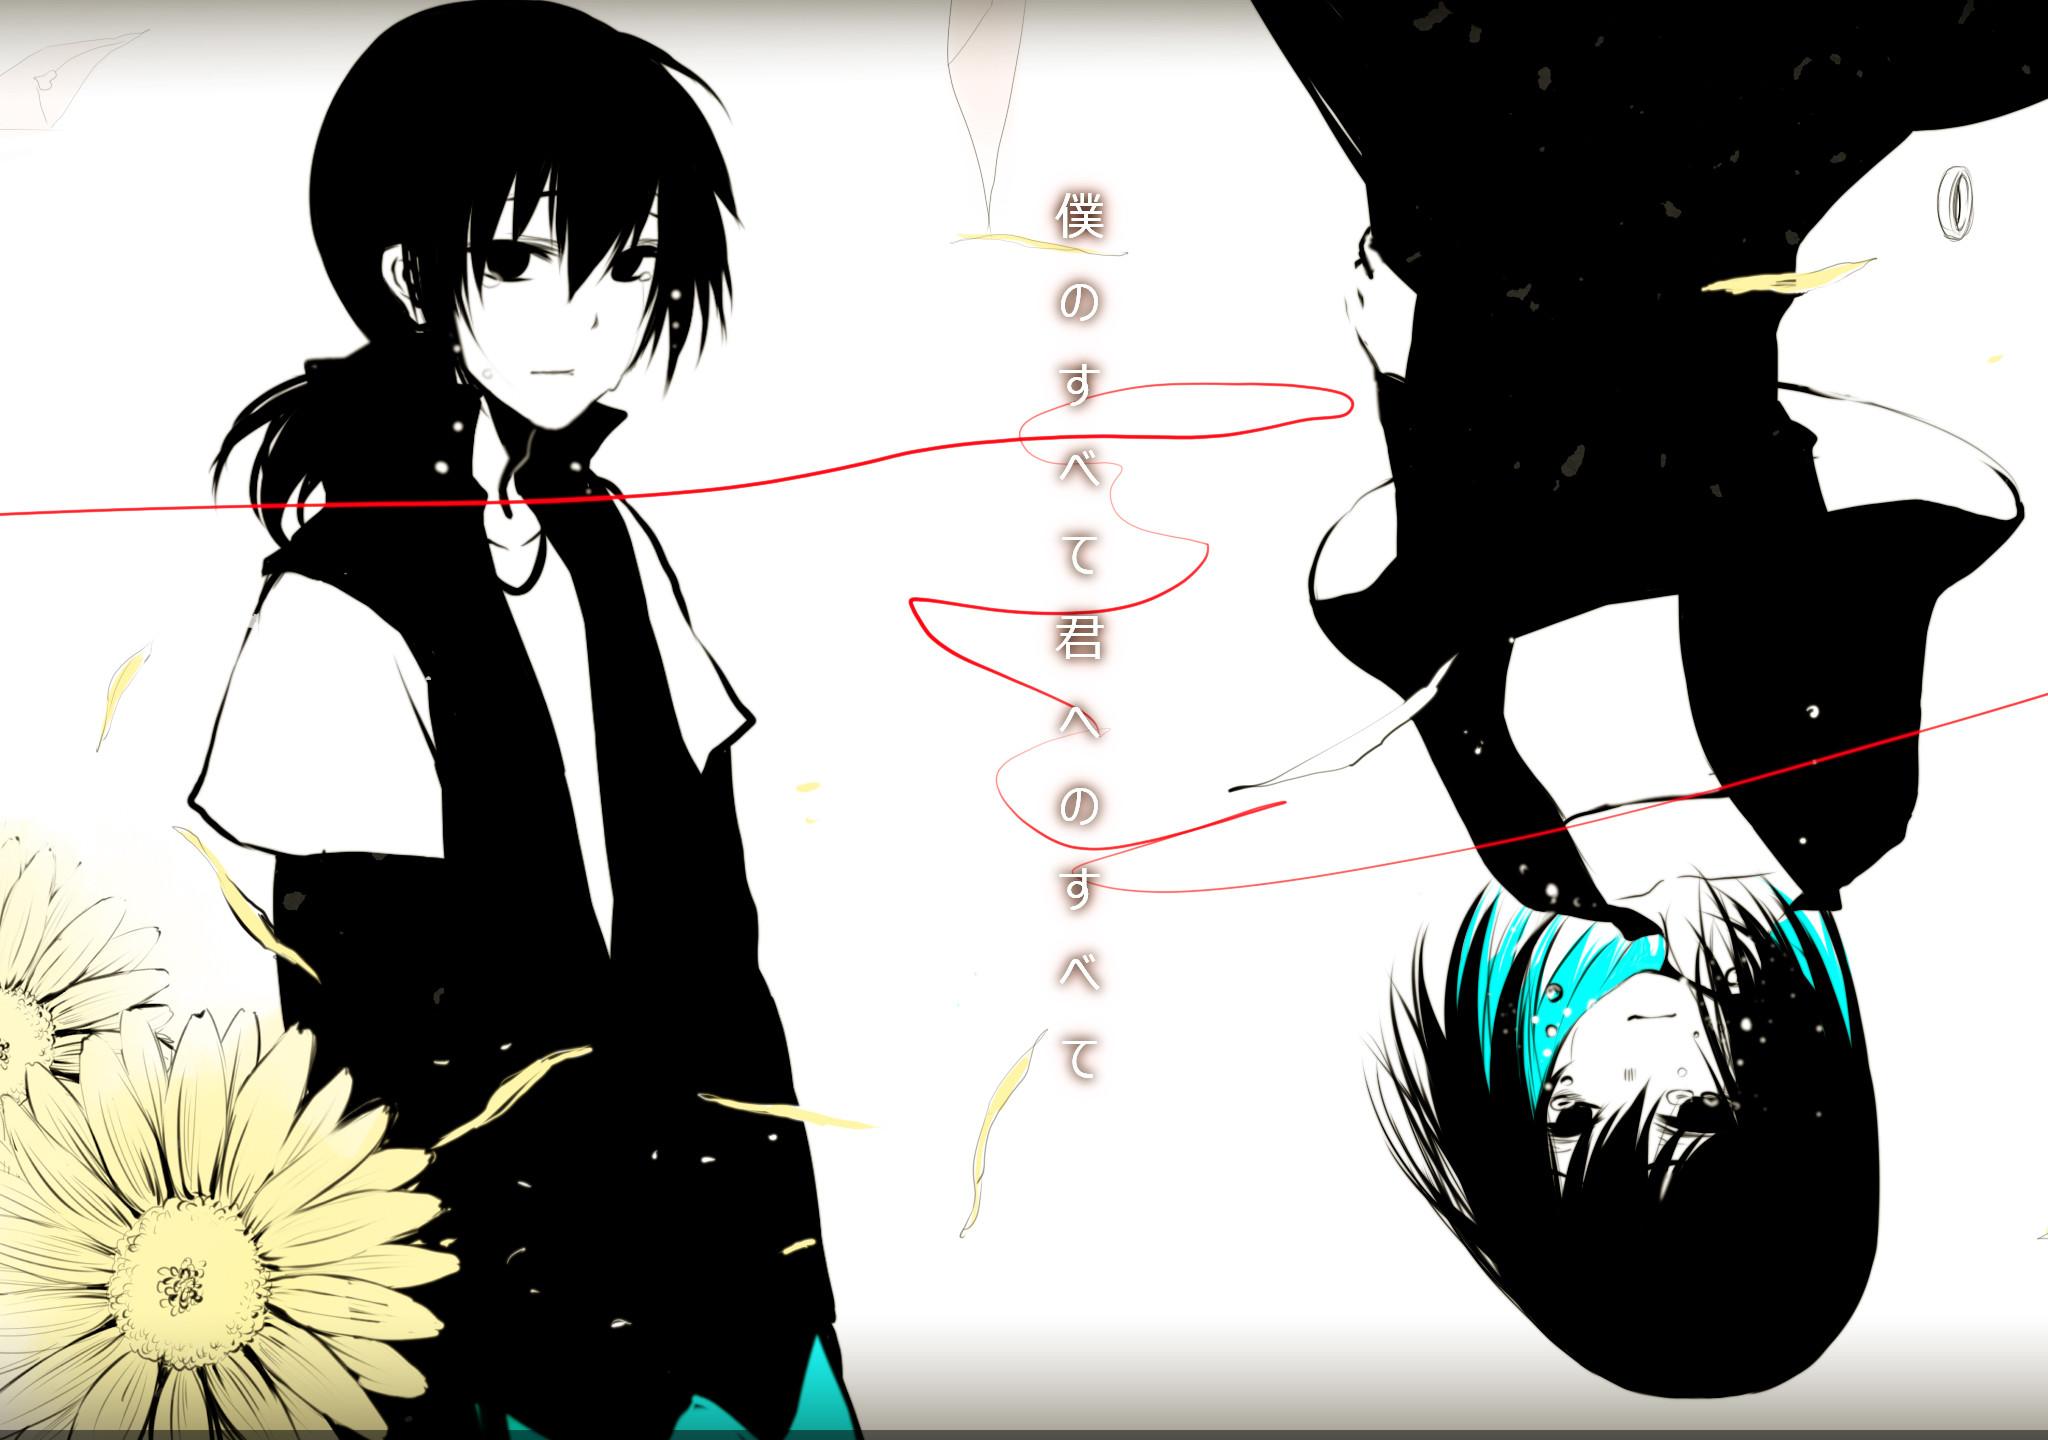 любовь аниме Desktop обои Heartfillia фото 39499543 Fanpop